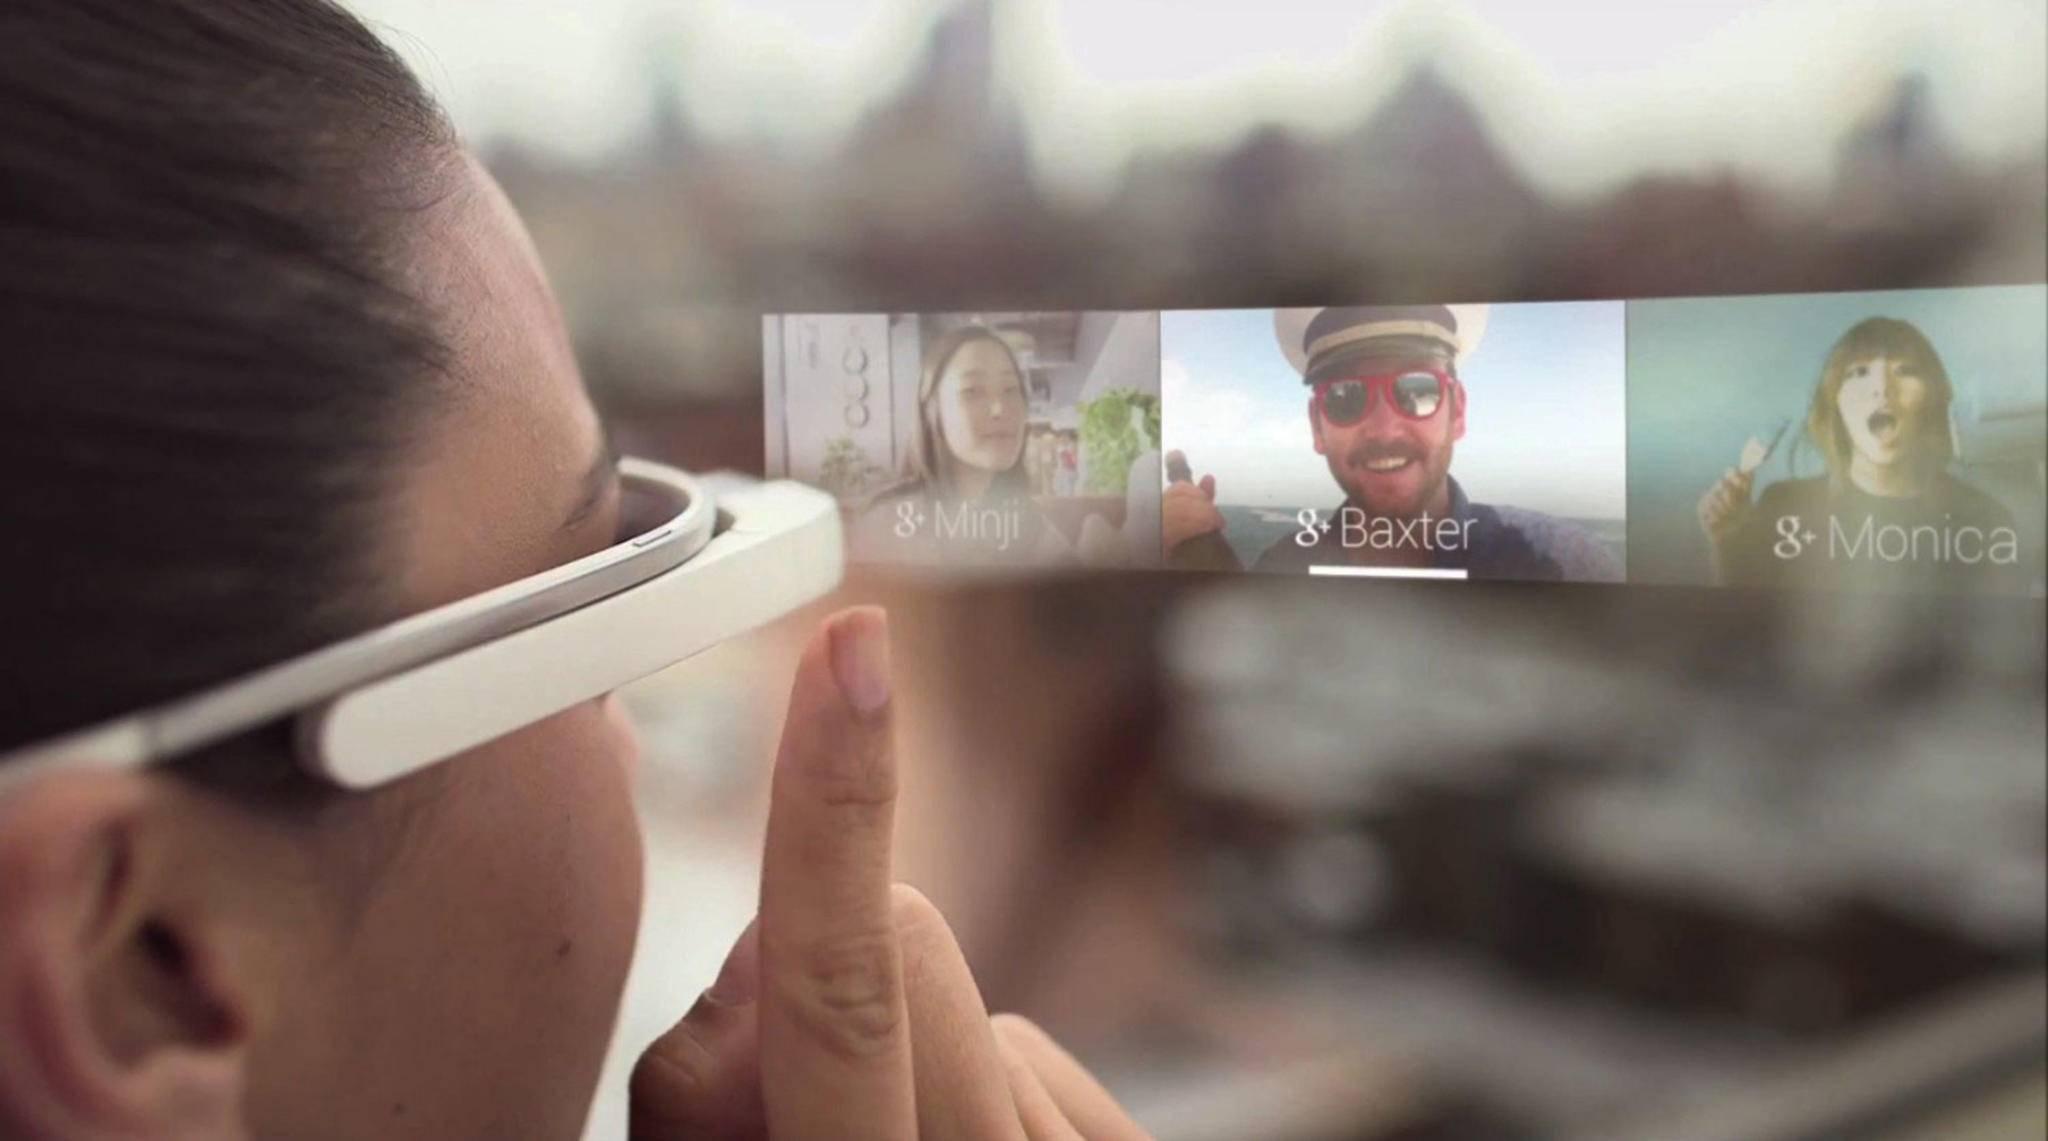 Smarte Datenbrillen liefern zusätzliche Informationen in der erweiterten Realität.